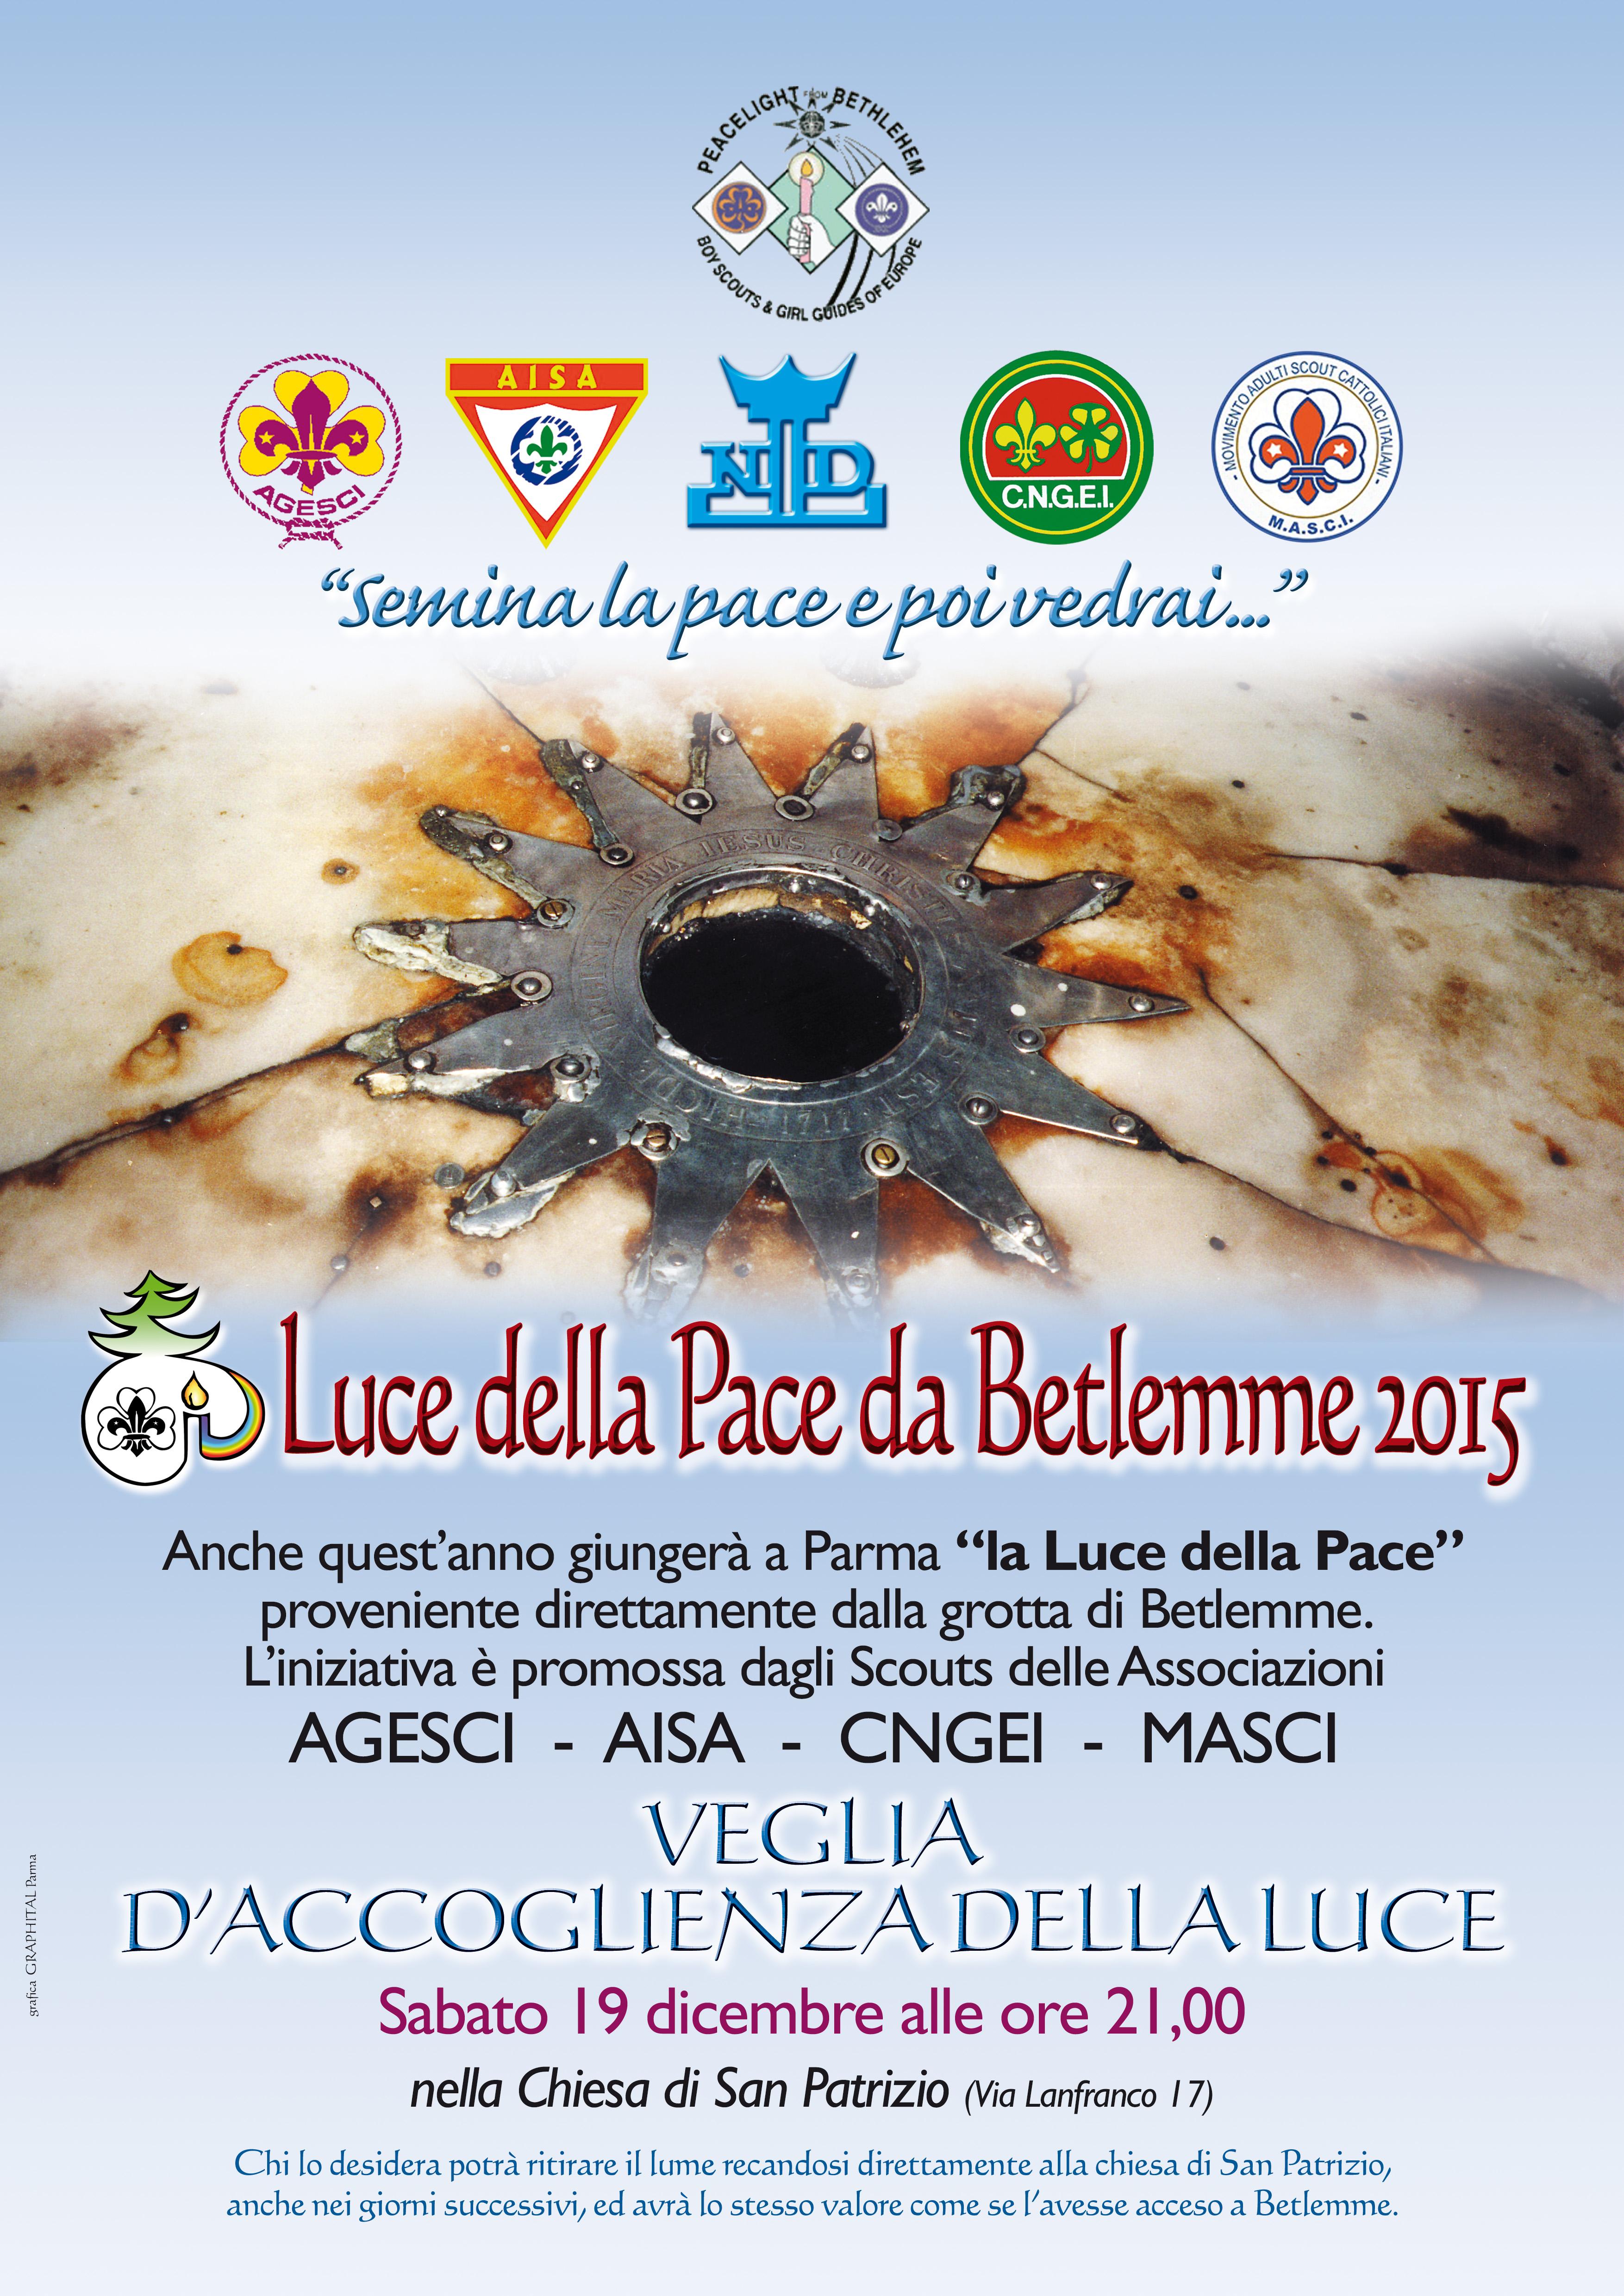 A Luce della pace da Betlemme 2015